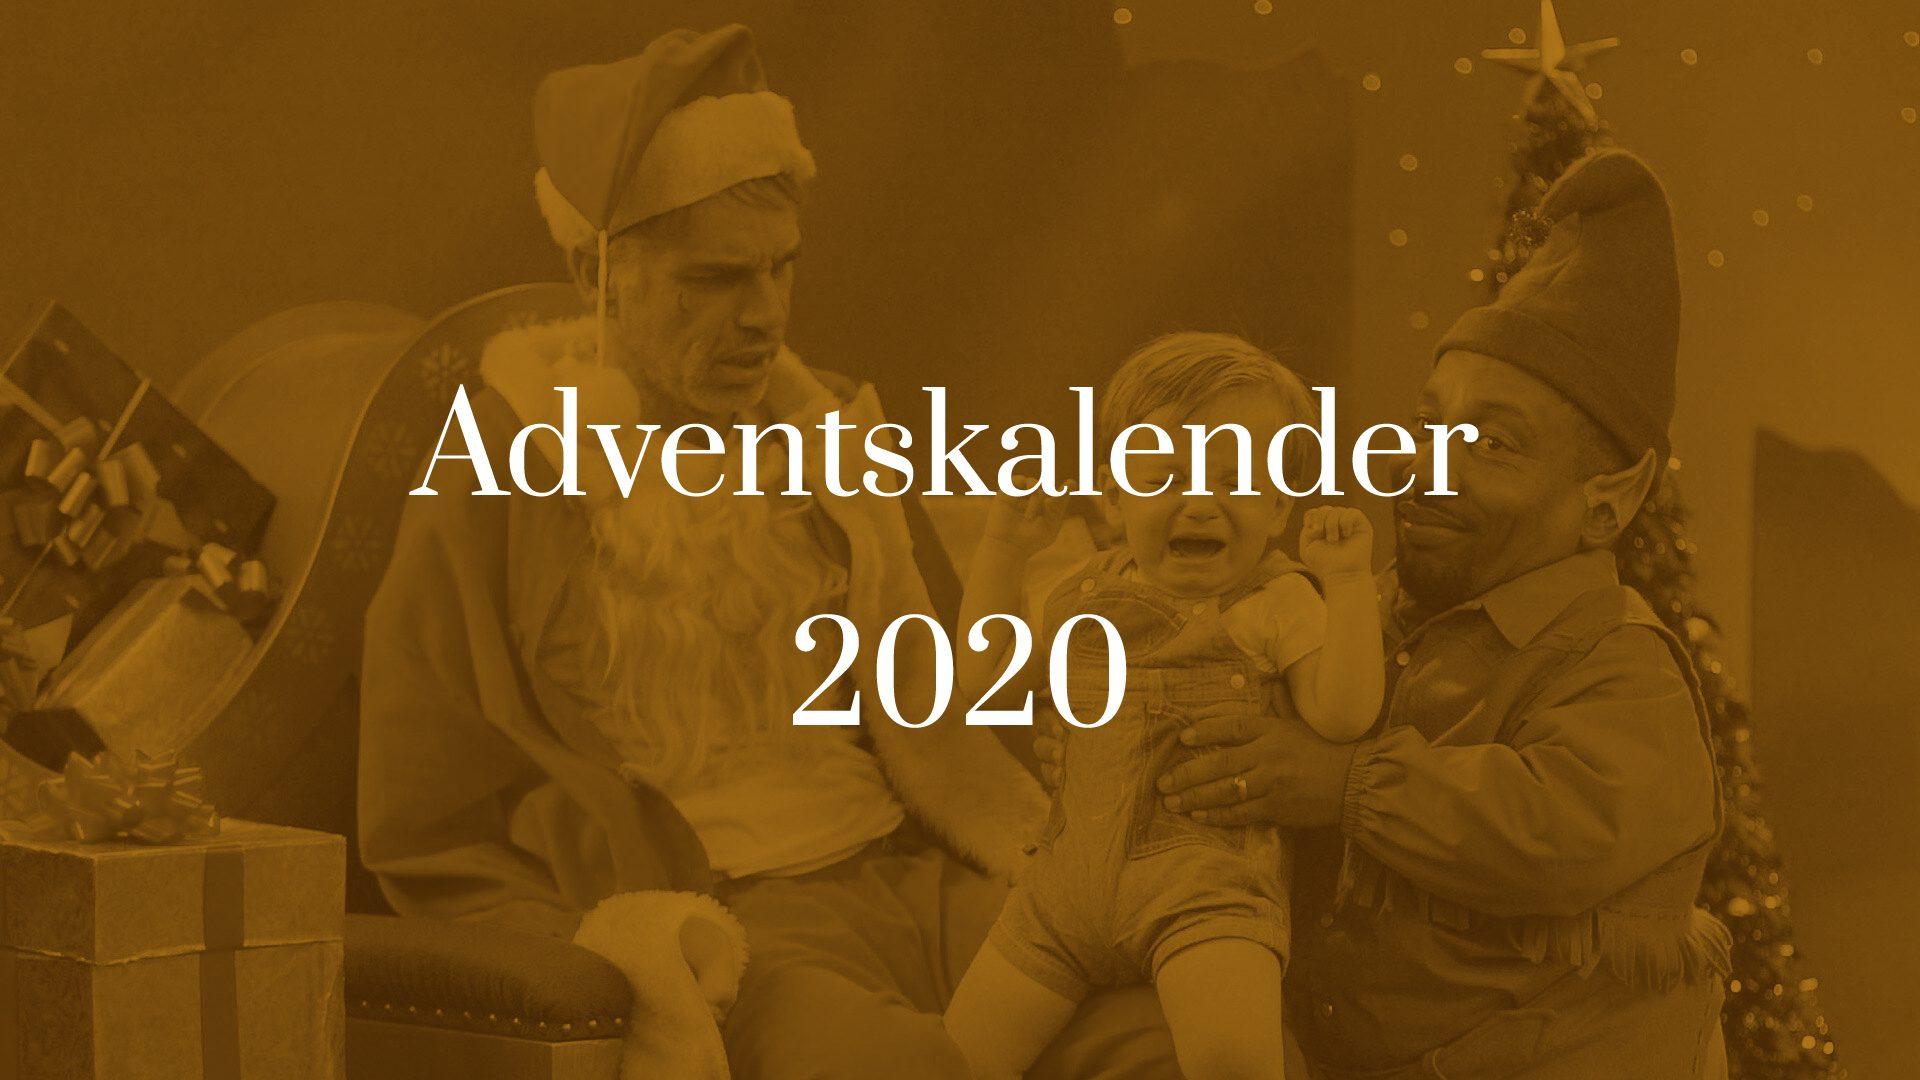 Titelbild zu Adventskalender 2020